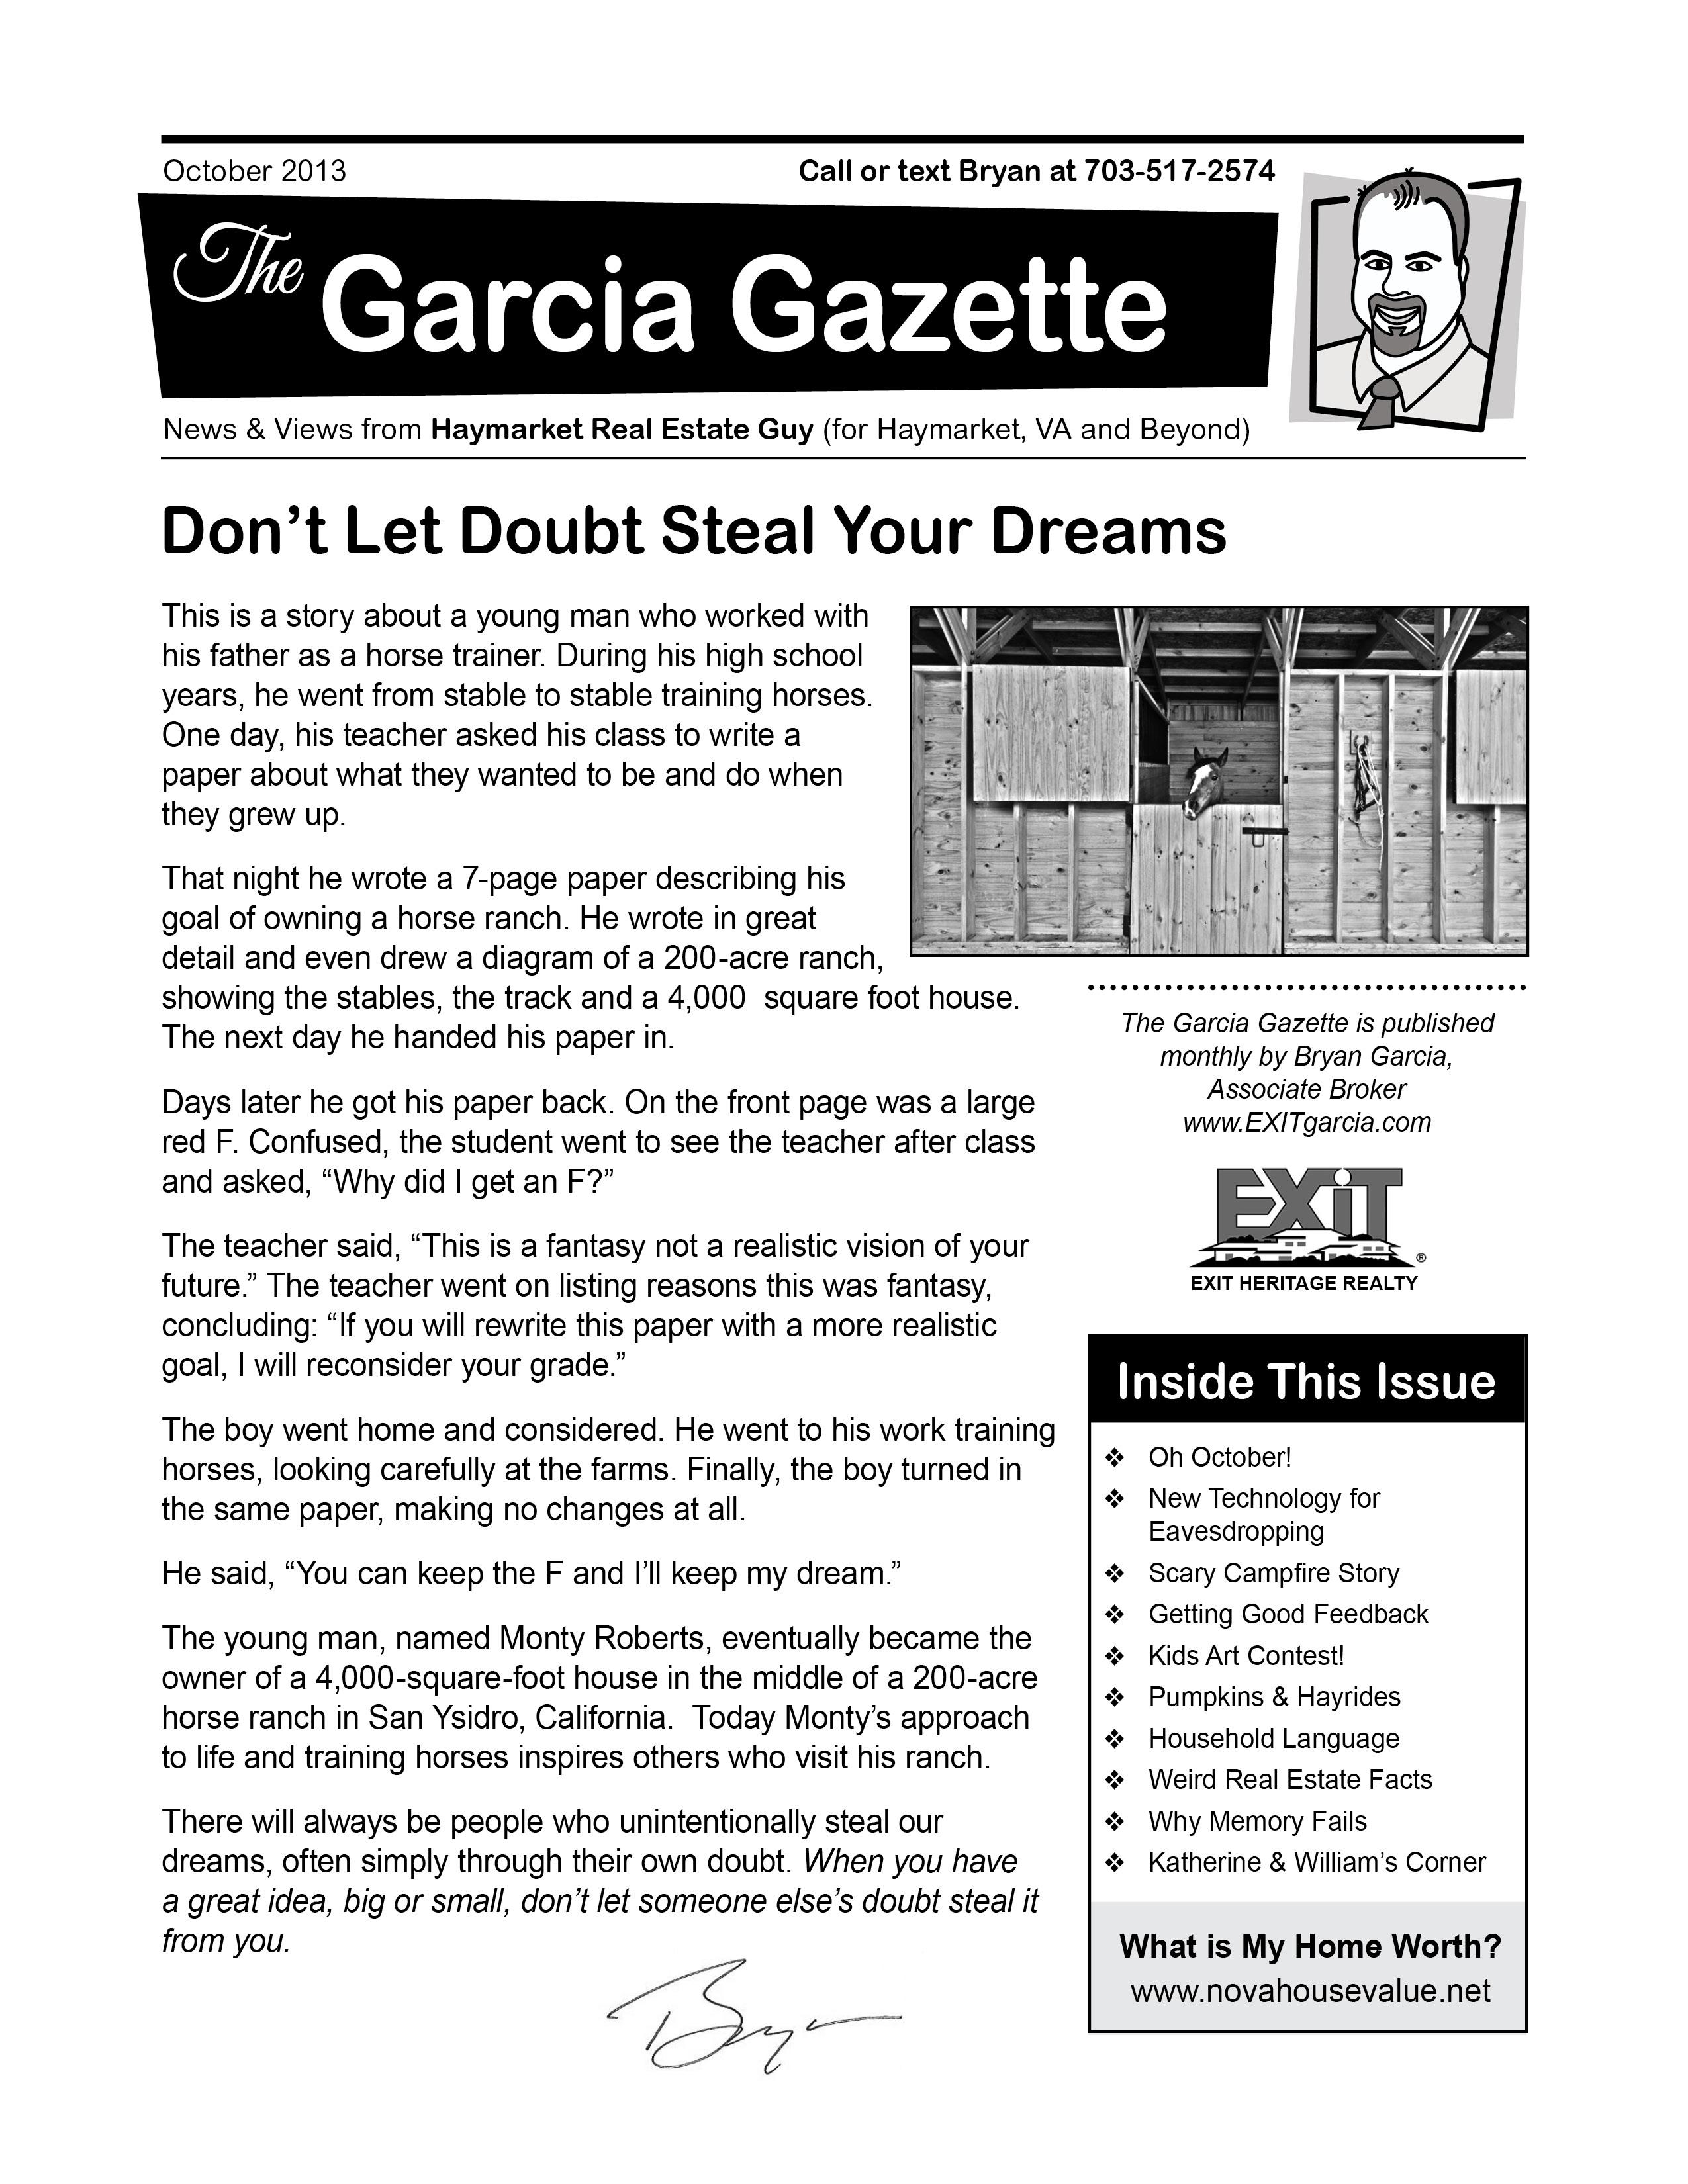 Garcia Gazette October 2013 - Haymarket VA and Beyond Real Estate News